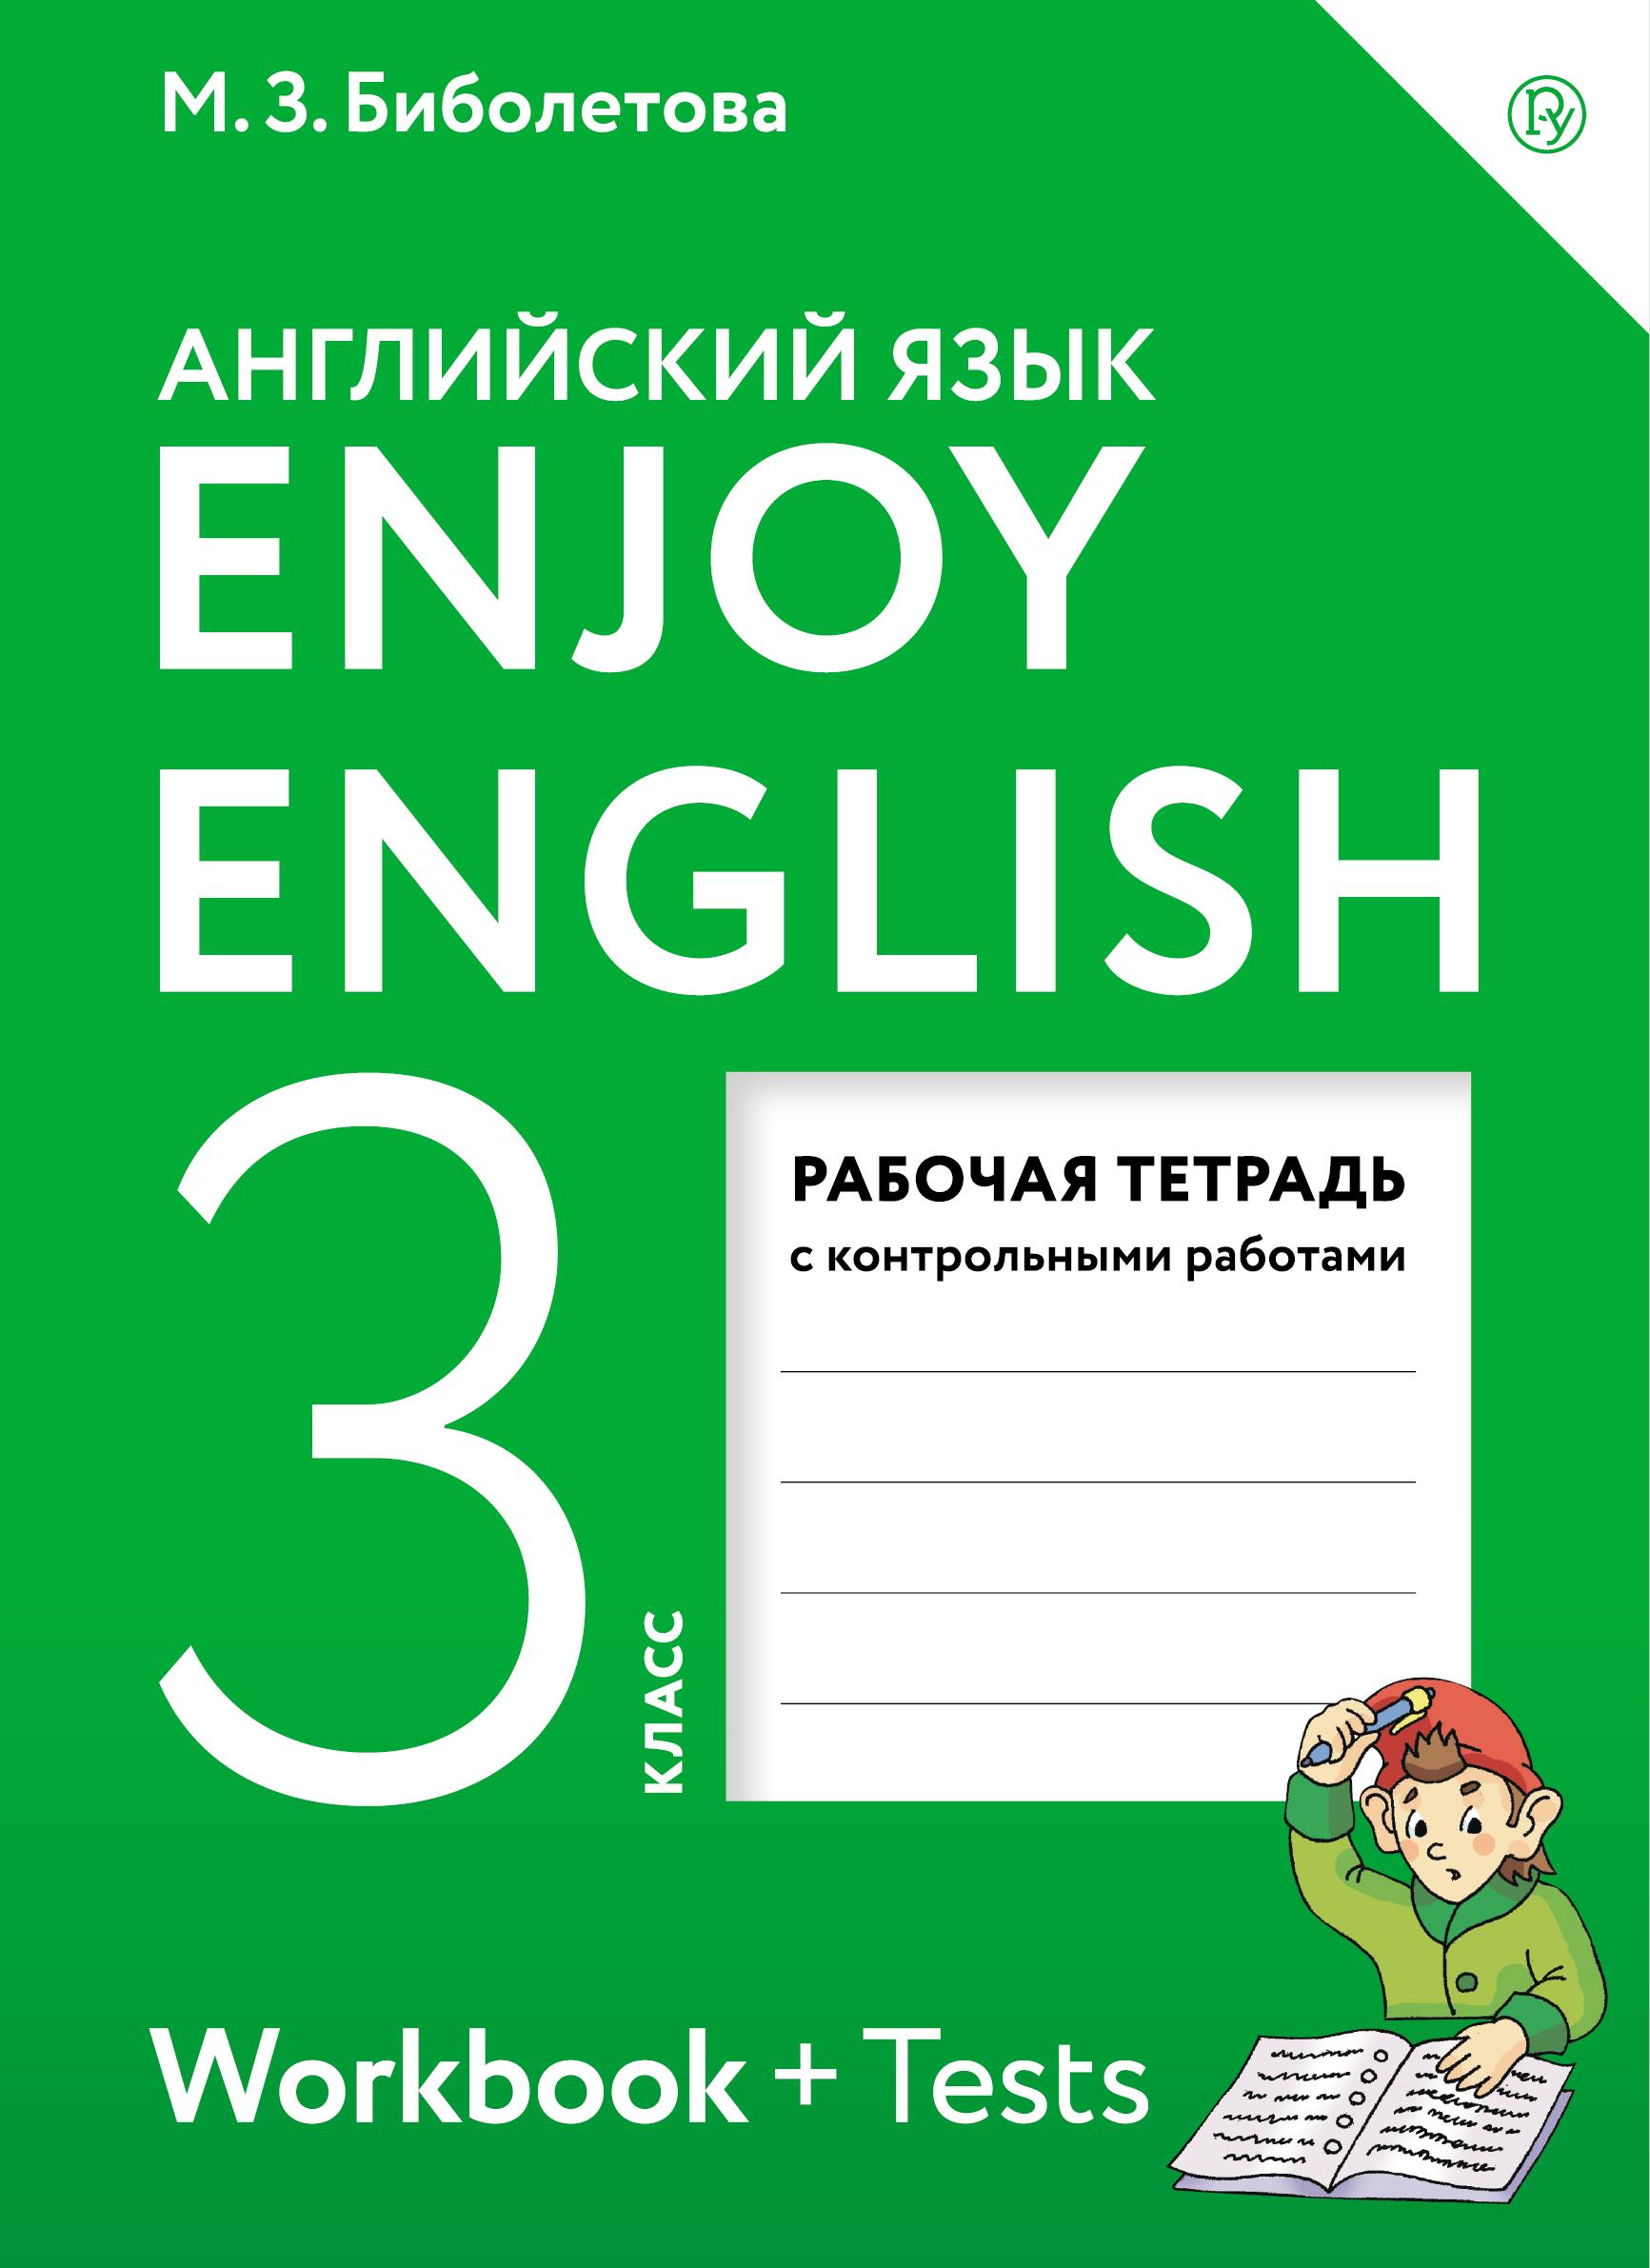 Скачать программу enjoy english 3 класс